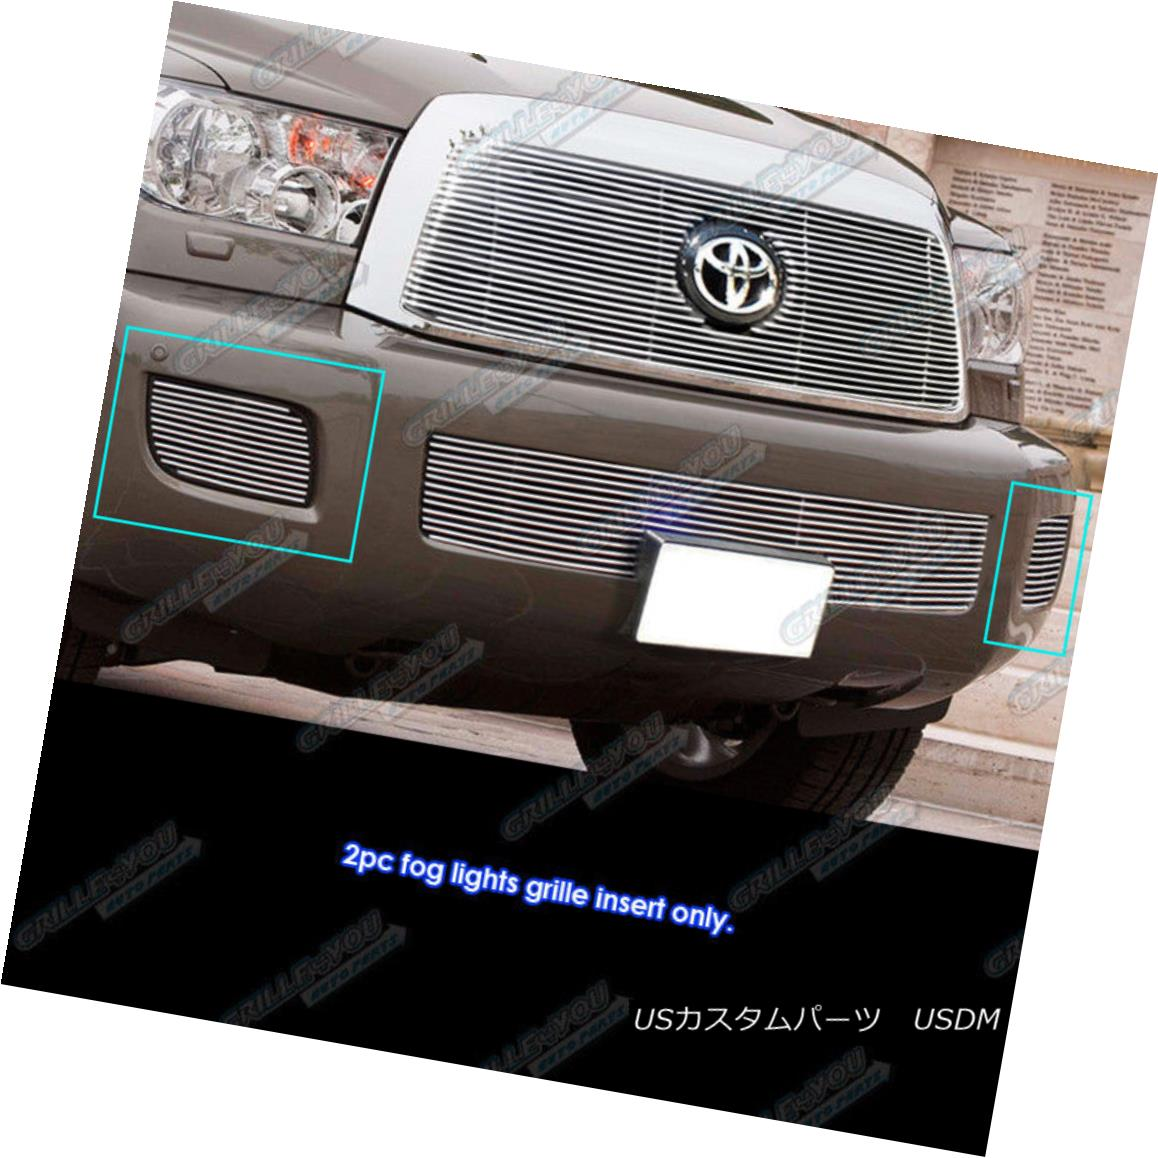 グリル Fits 2008-2017 Toyota Sequoia Fog Lights Billet Grille Insert フィット2008-2017トヨタセコイアフォグライトビレットグリルインサート